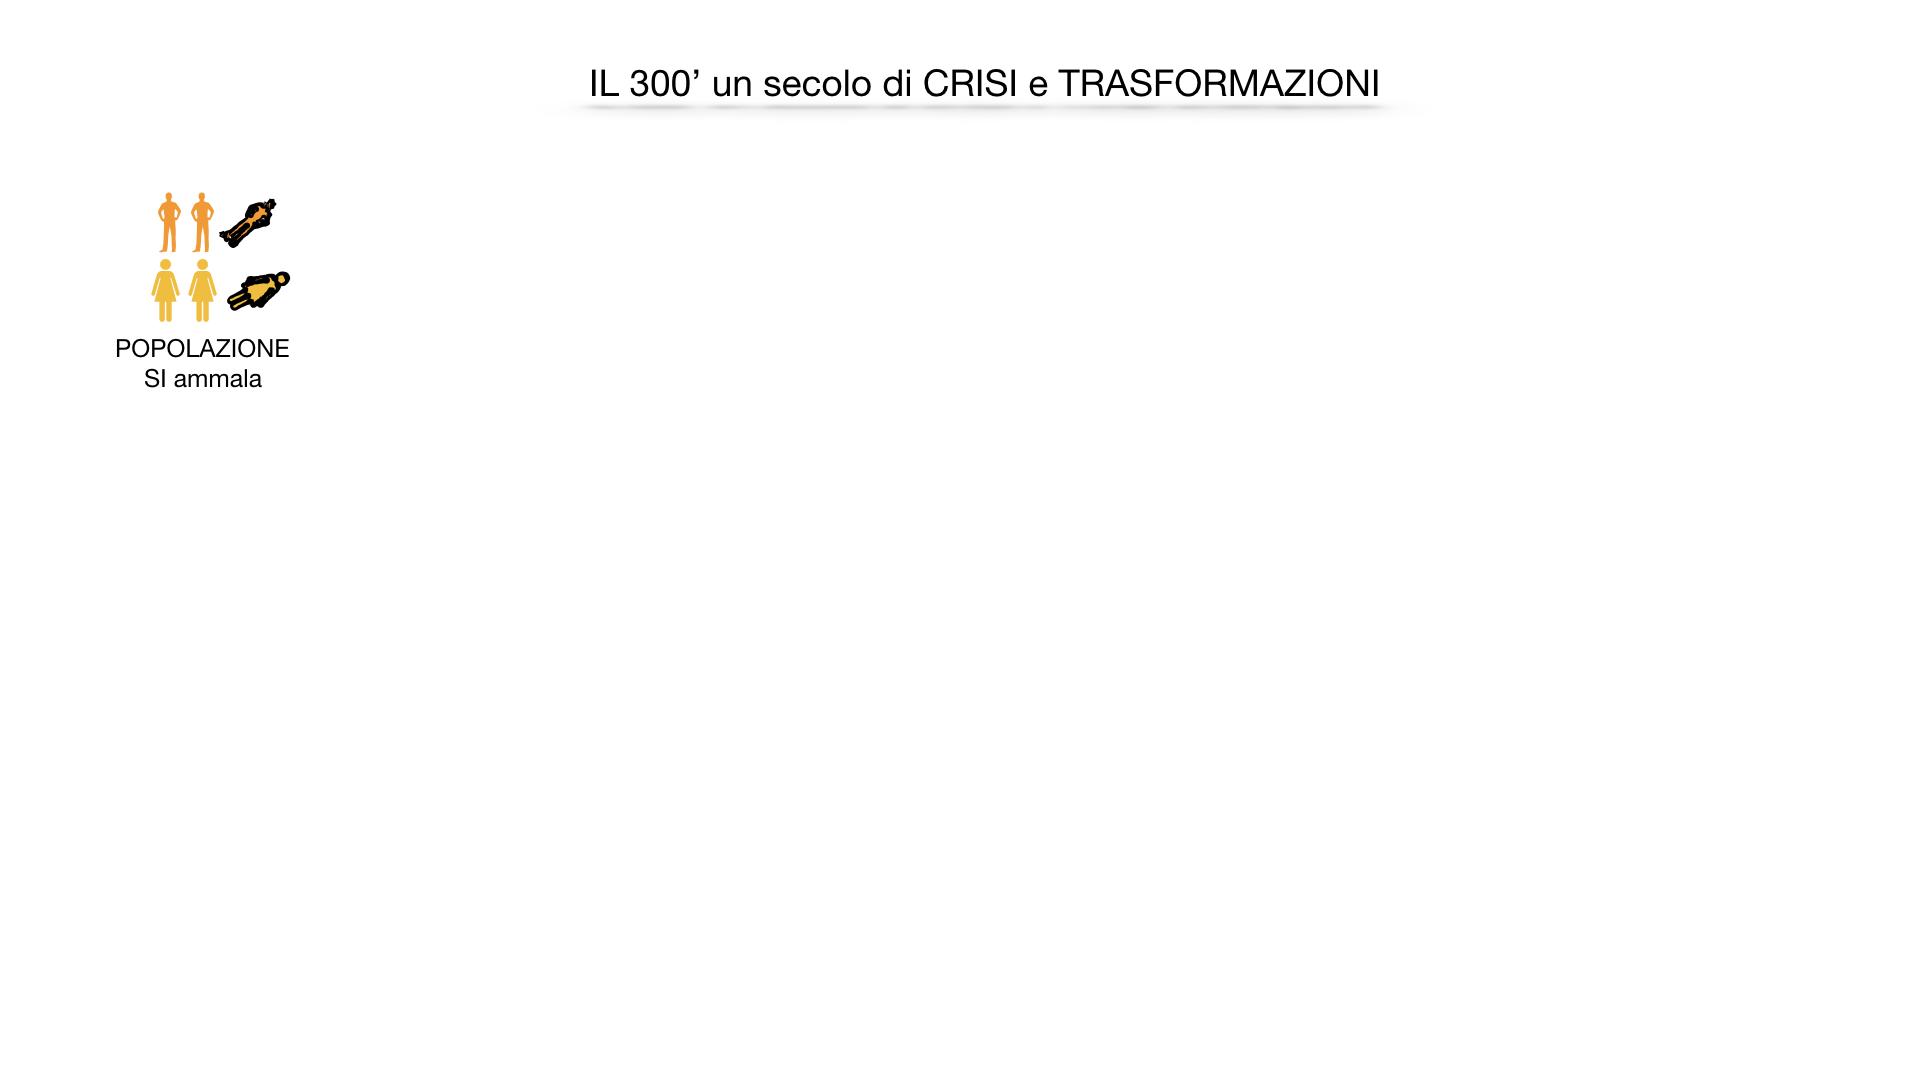 il 300 crisi e trasformazioni_ SIMULAZIONE.017